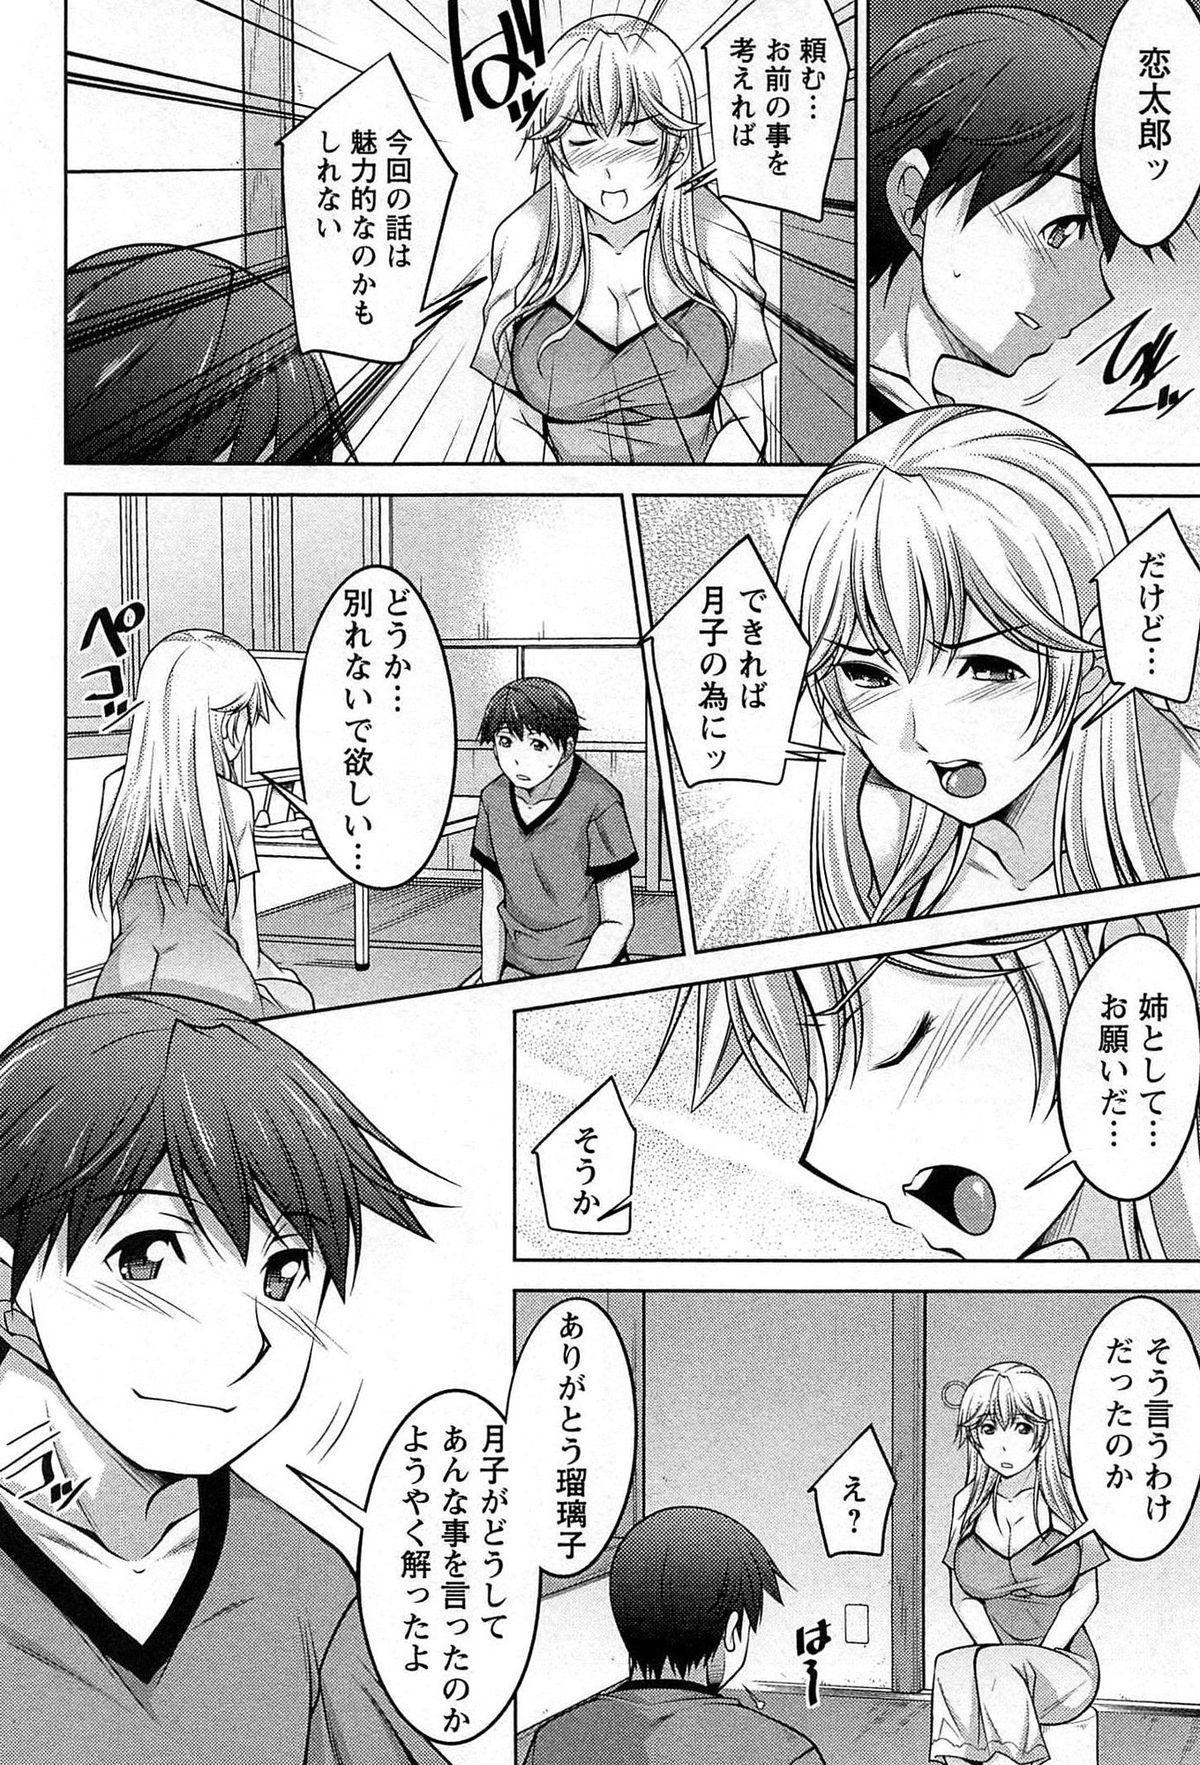 [zen9] Tsuki-wo Ai-Shite - Tsuki-ni Koi-shite 2 158